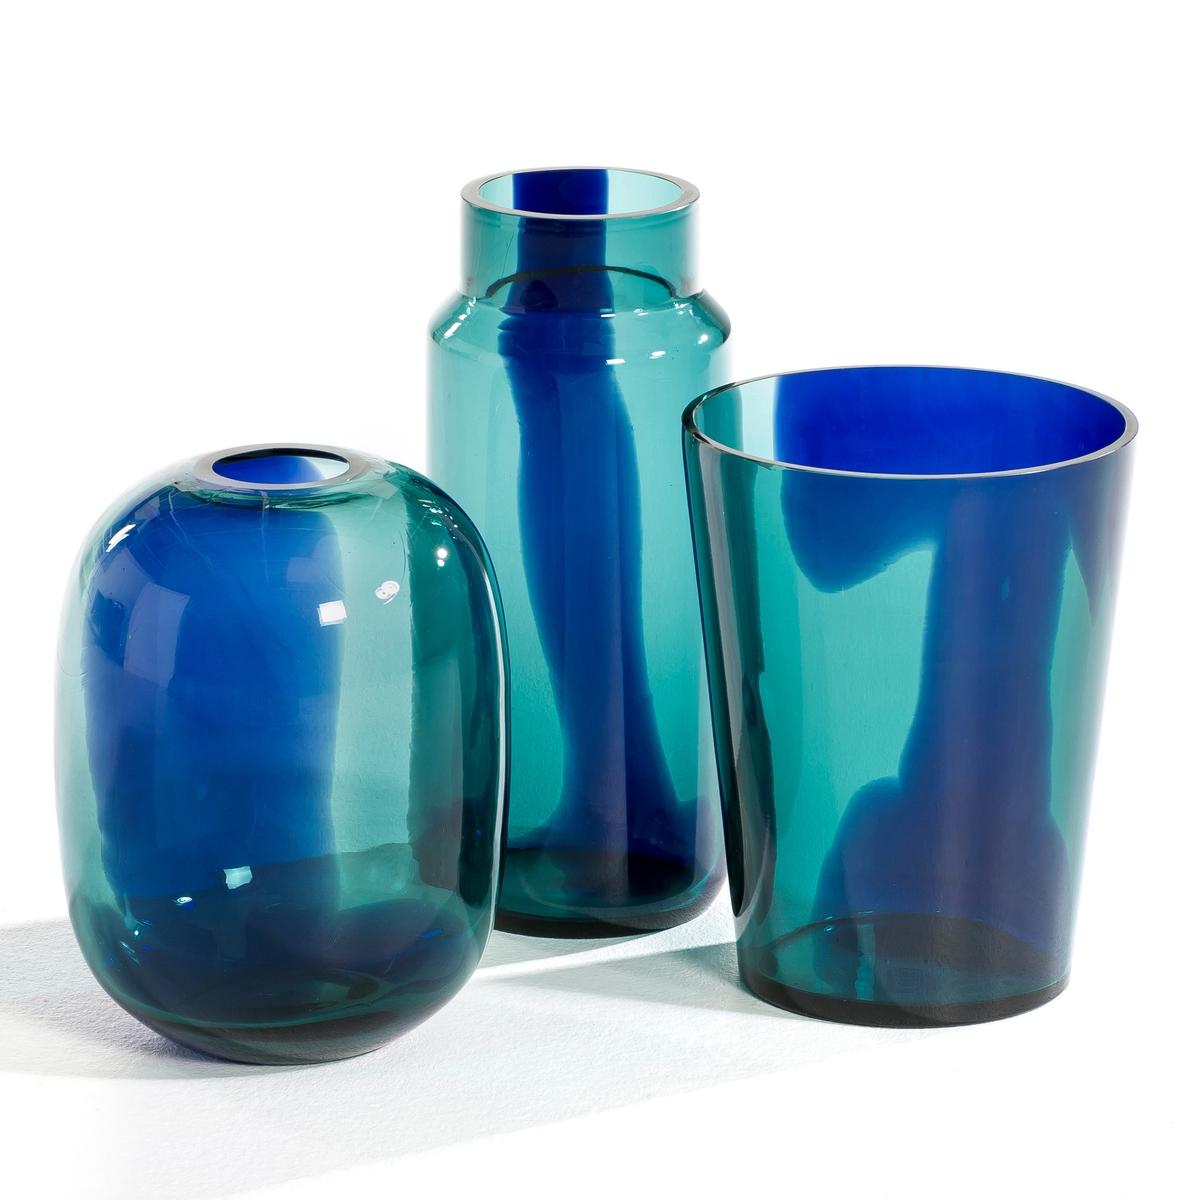 Ваза овальной формы, OdomarВаза Odomar. Очень красивый эффект капель краски, растворяющихся в бирюзовой воде... Из стекла. Размеры. : Диаметр 19,5 x высота 26 см.<br><br>Цвет: зеленый/ синий<br>Размер: единый размер